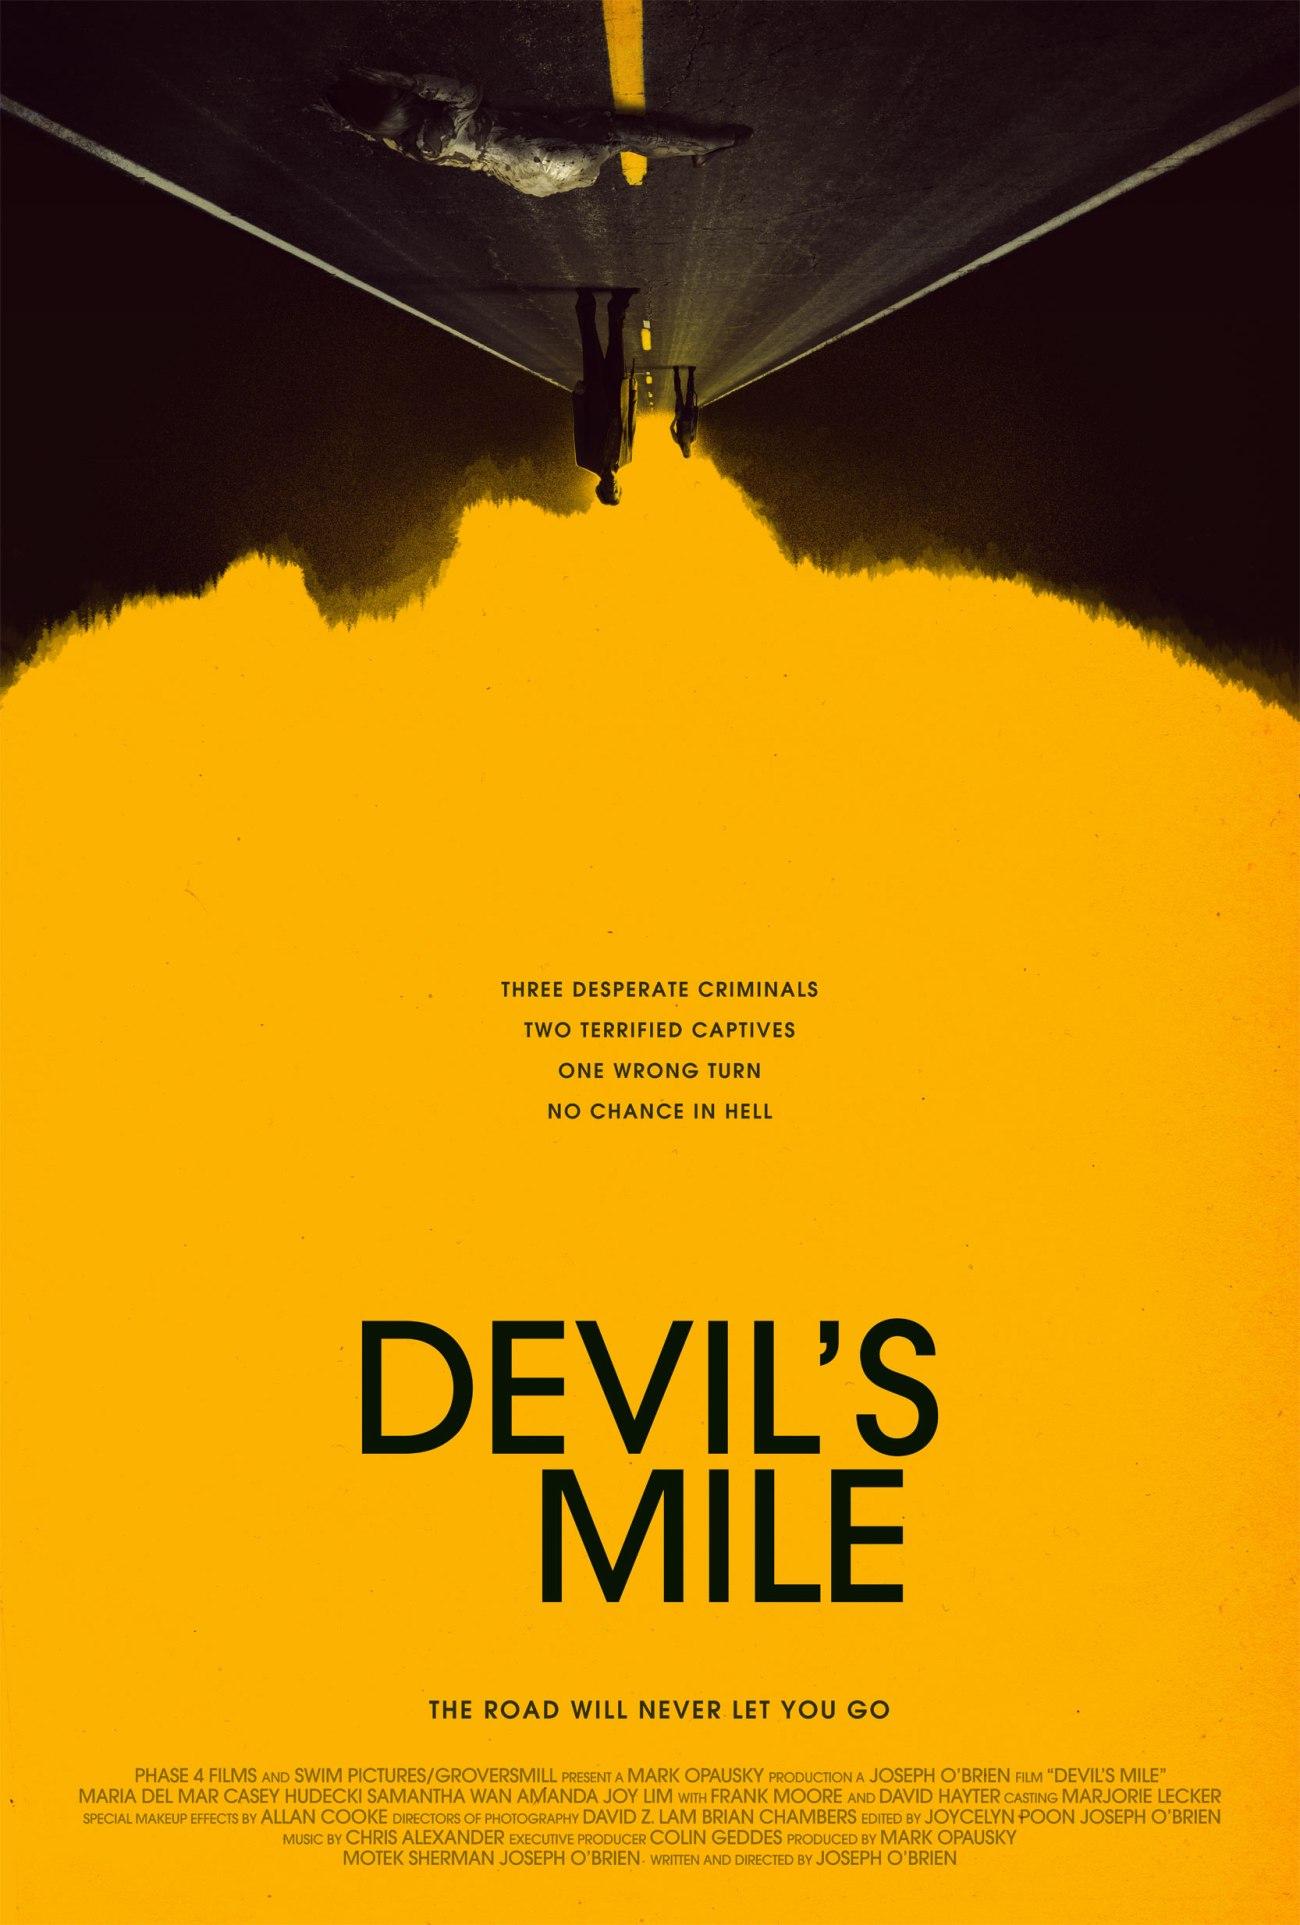 DEVIL'S MILE Official Poster